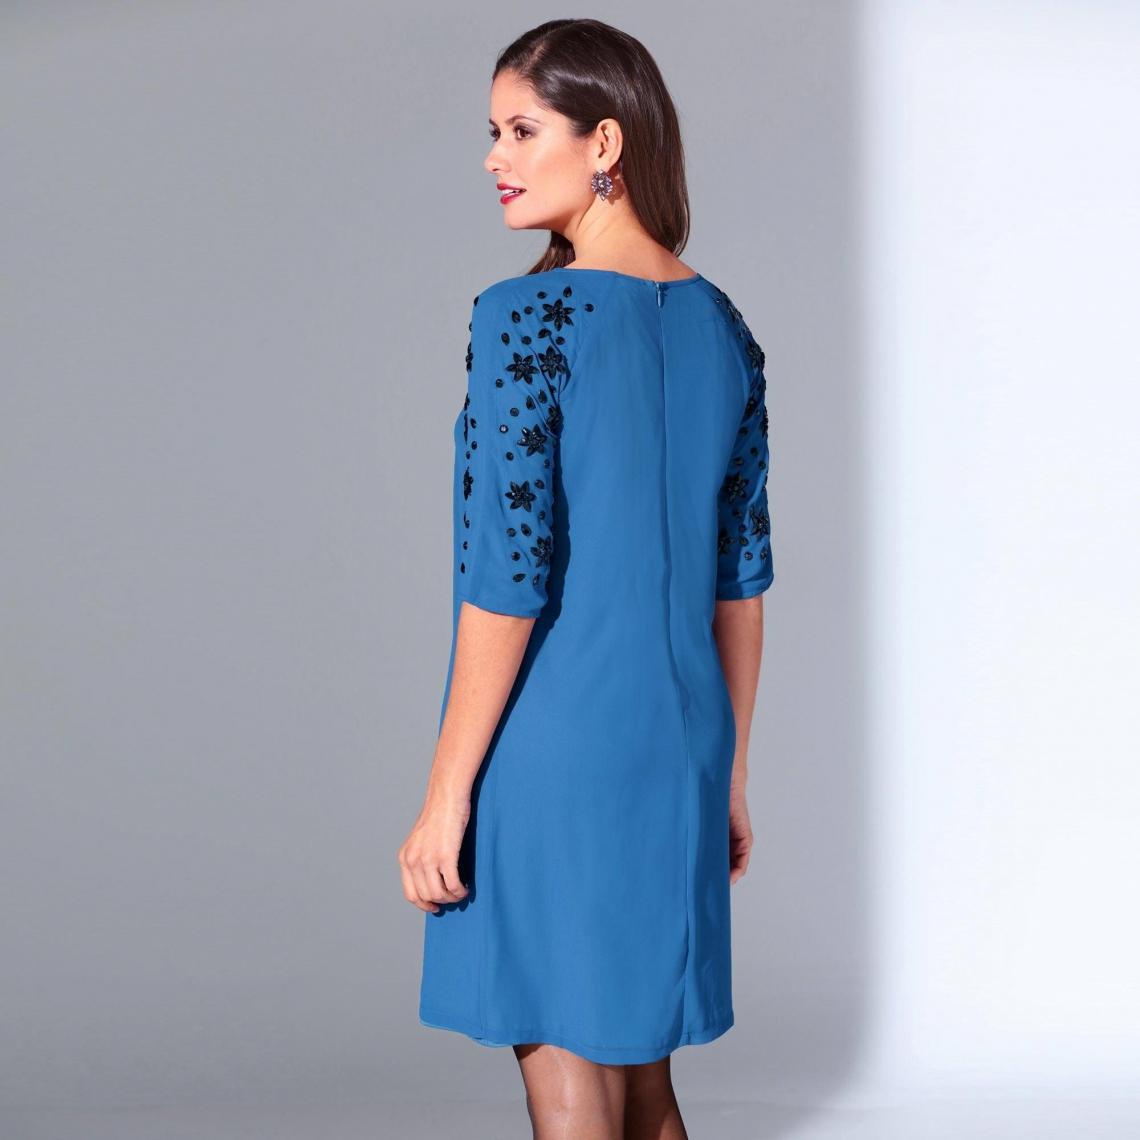 Robe Habillee Courte Femme Bleu 3 Suisses